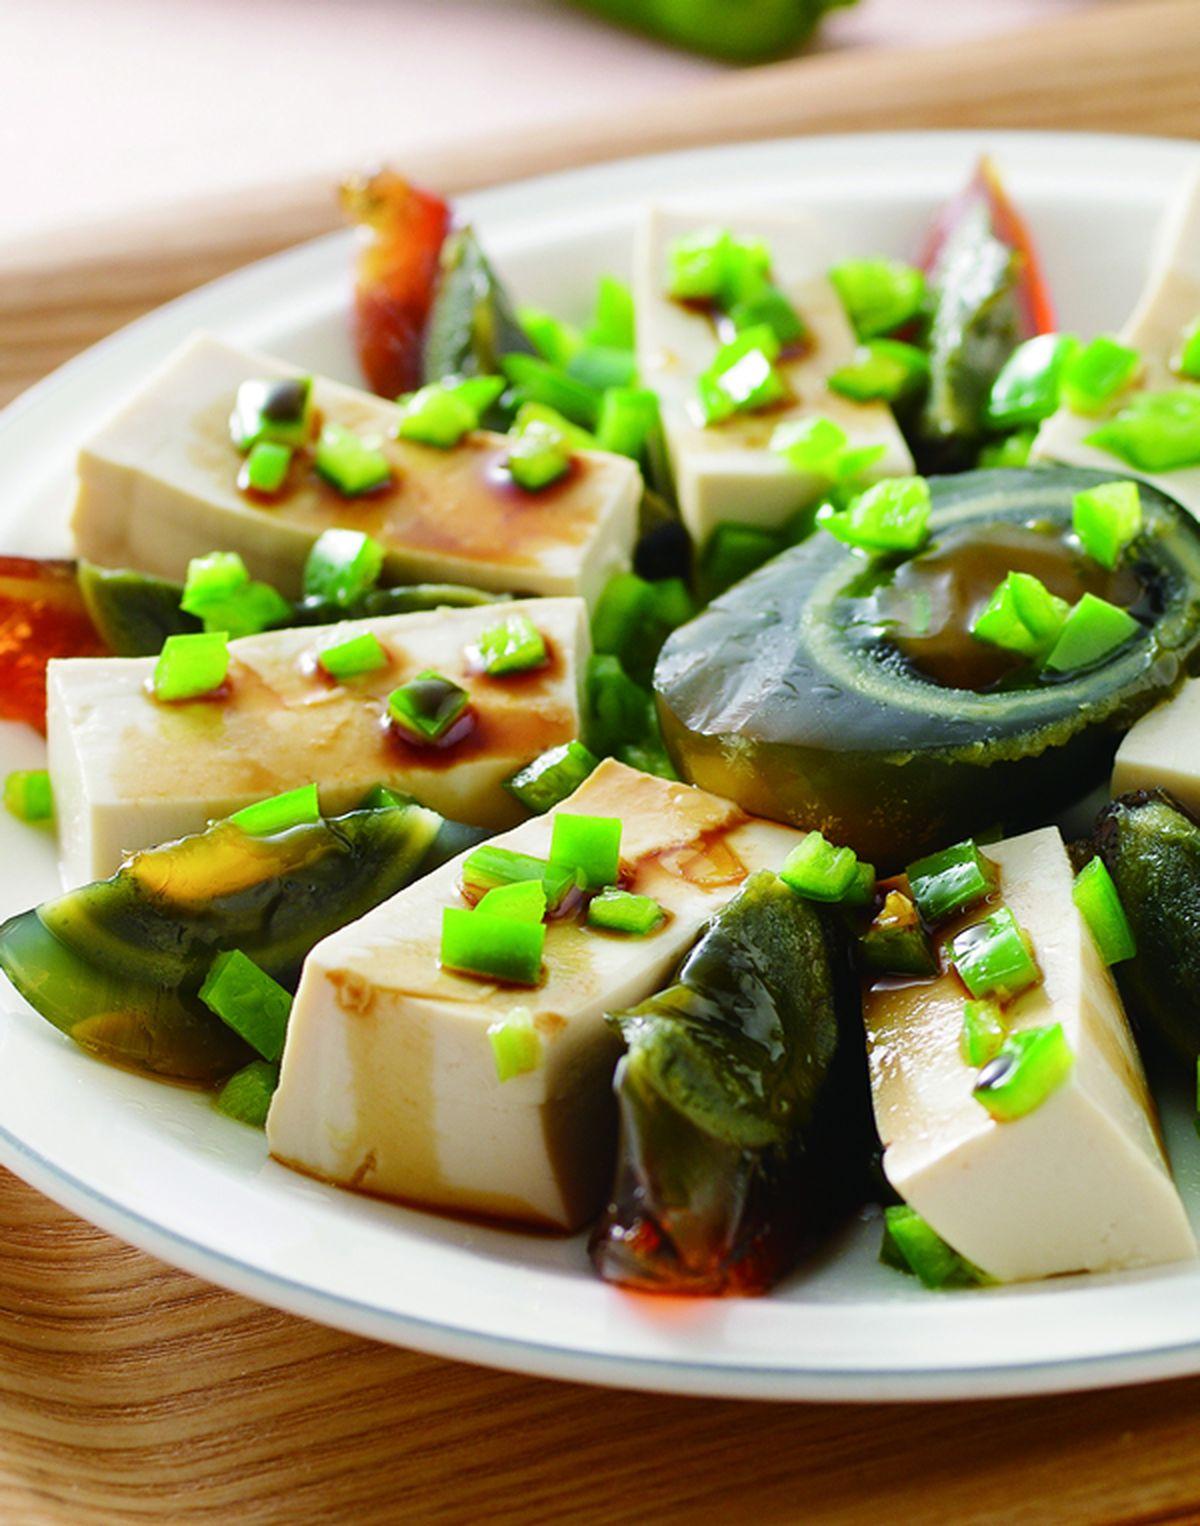 牛角瓜怎么吃_牛角椒料理的4種做法 - 食譜主題網